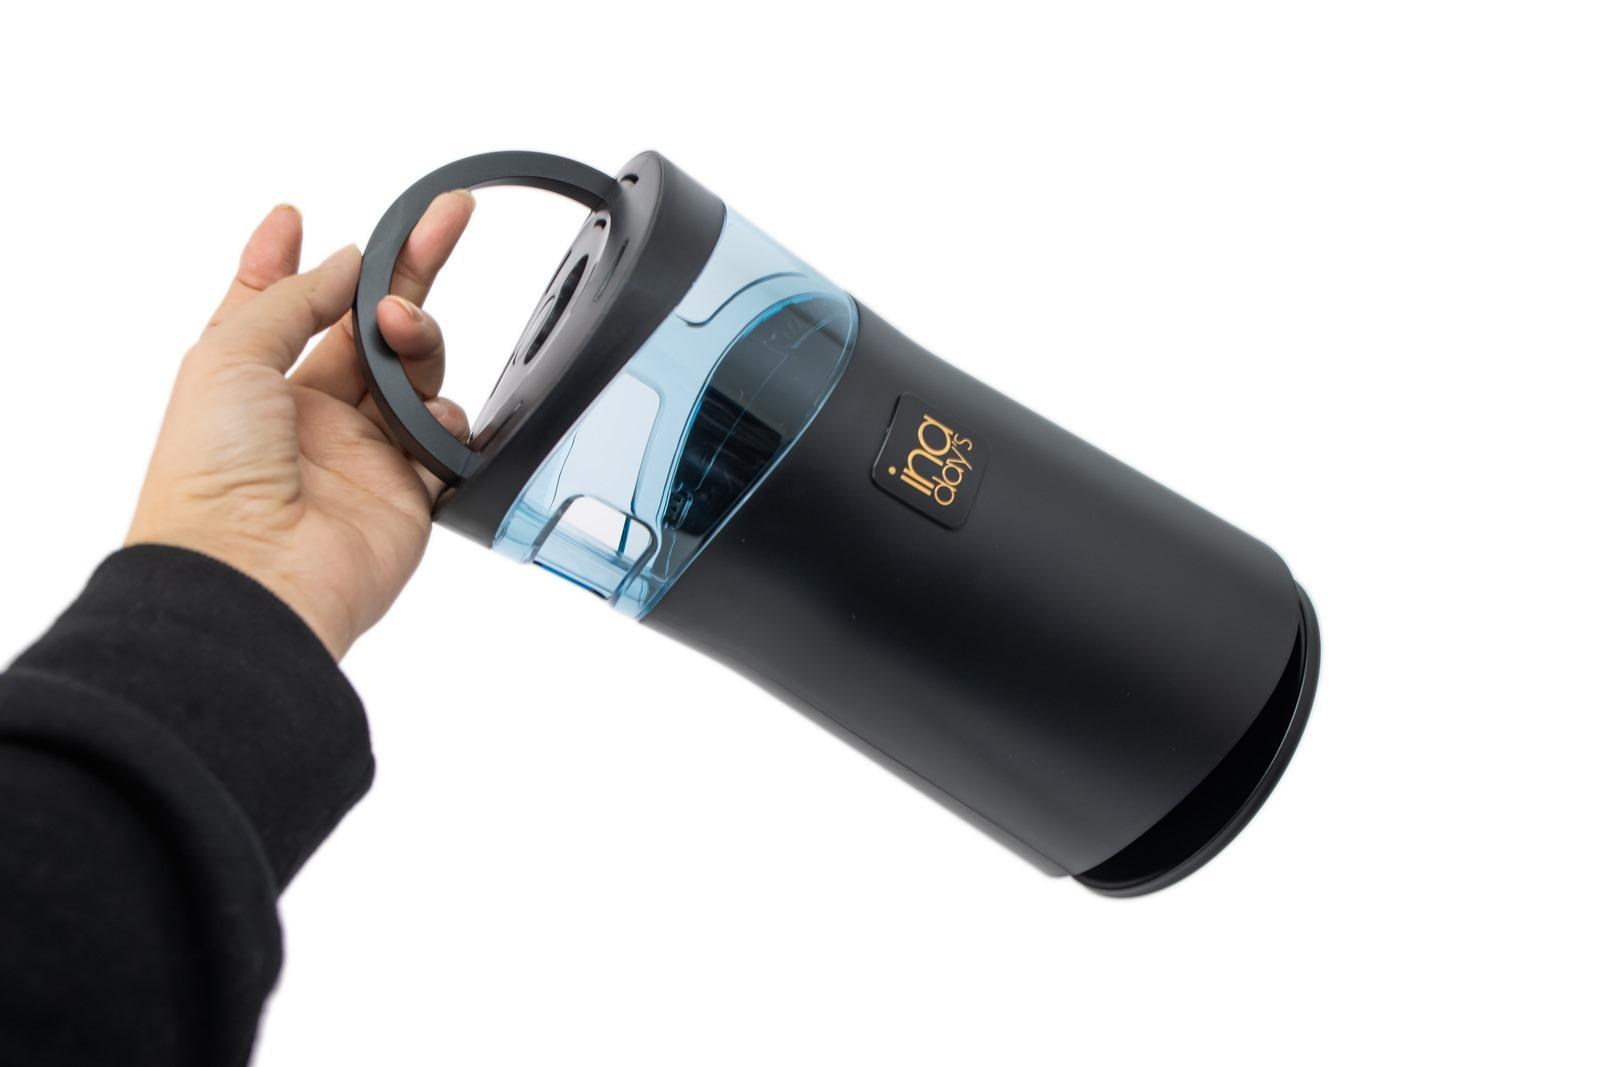 安全高效的抗蚊神器!新款 inaday's 會呼吸的捕蚊燈開箱 @3C 達人廖阿輝